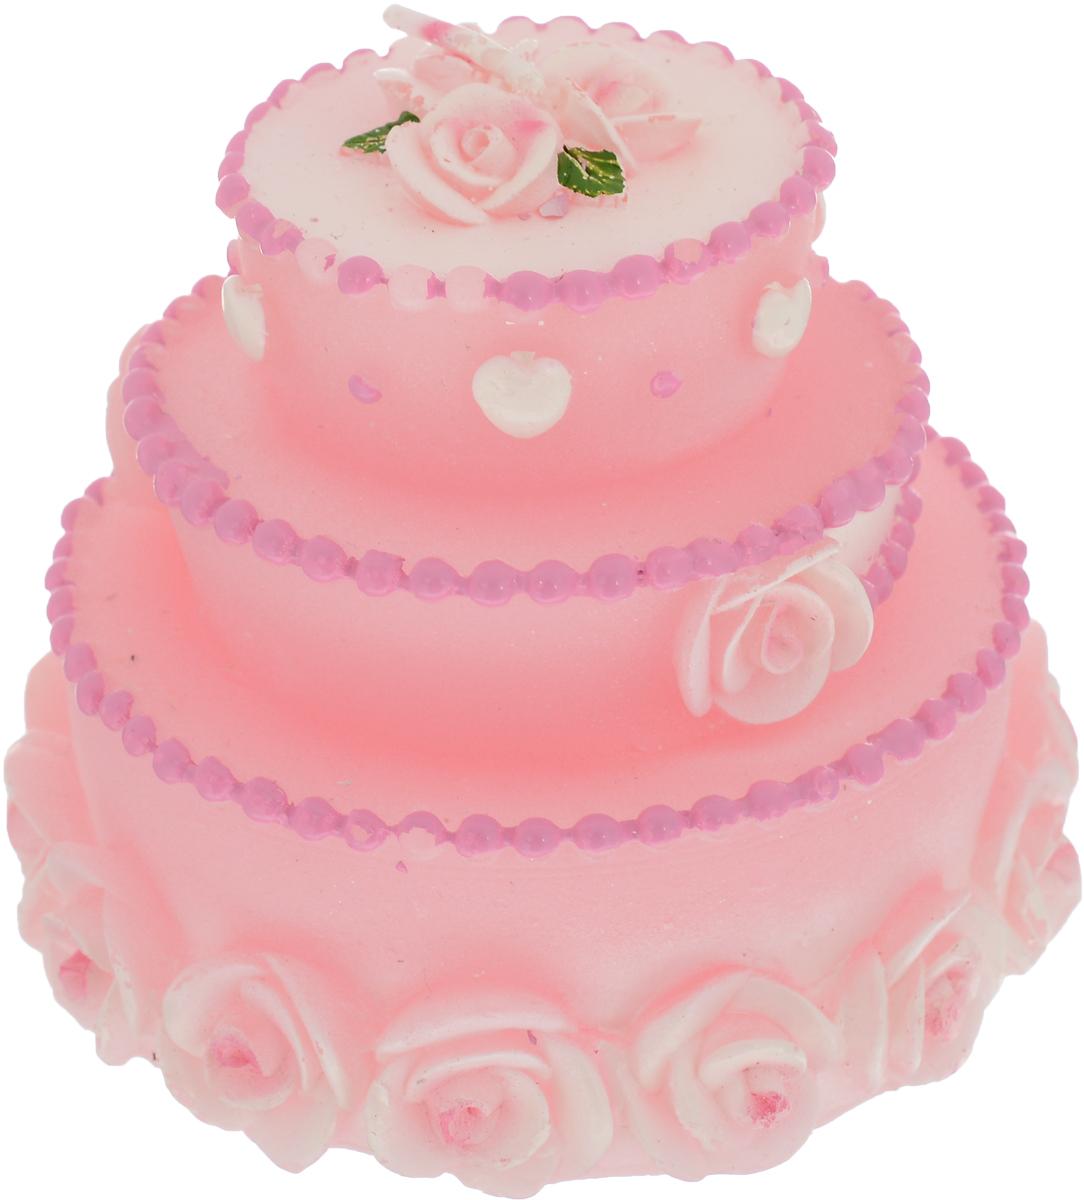 Декоративная свеча выполнена в виде торта, украшенного цветами и сердечками. Новогодние украшения всегда несут в себе волшебство и красоту праздника. Создайте в своем доме атмосферу тепла, веселья и радости, украшая его всей семьей.